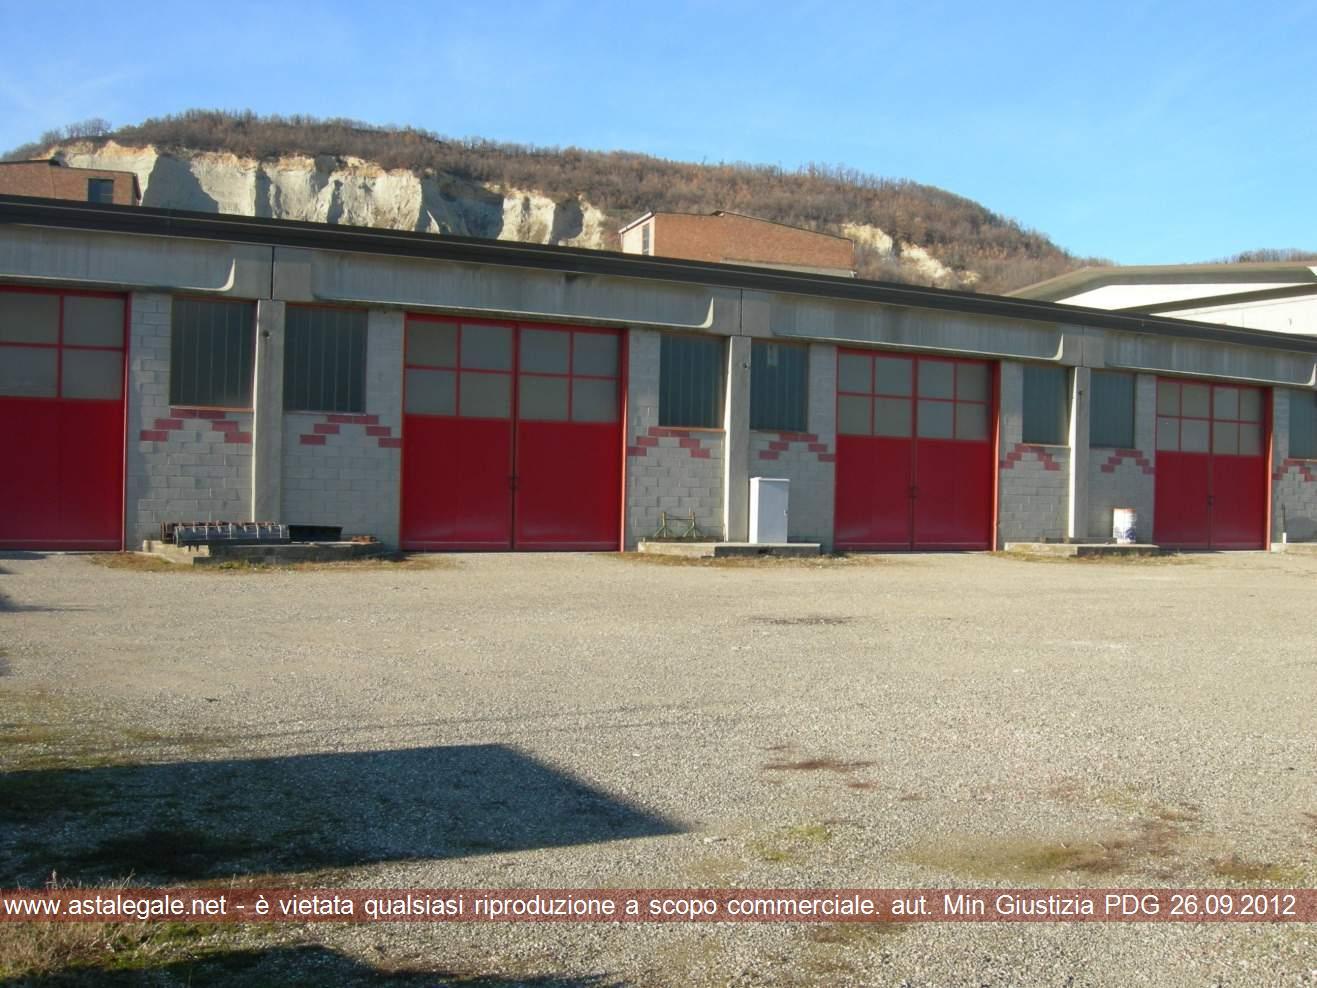 Lugagnano Val D'arda (PC) Via Della Stradella 4